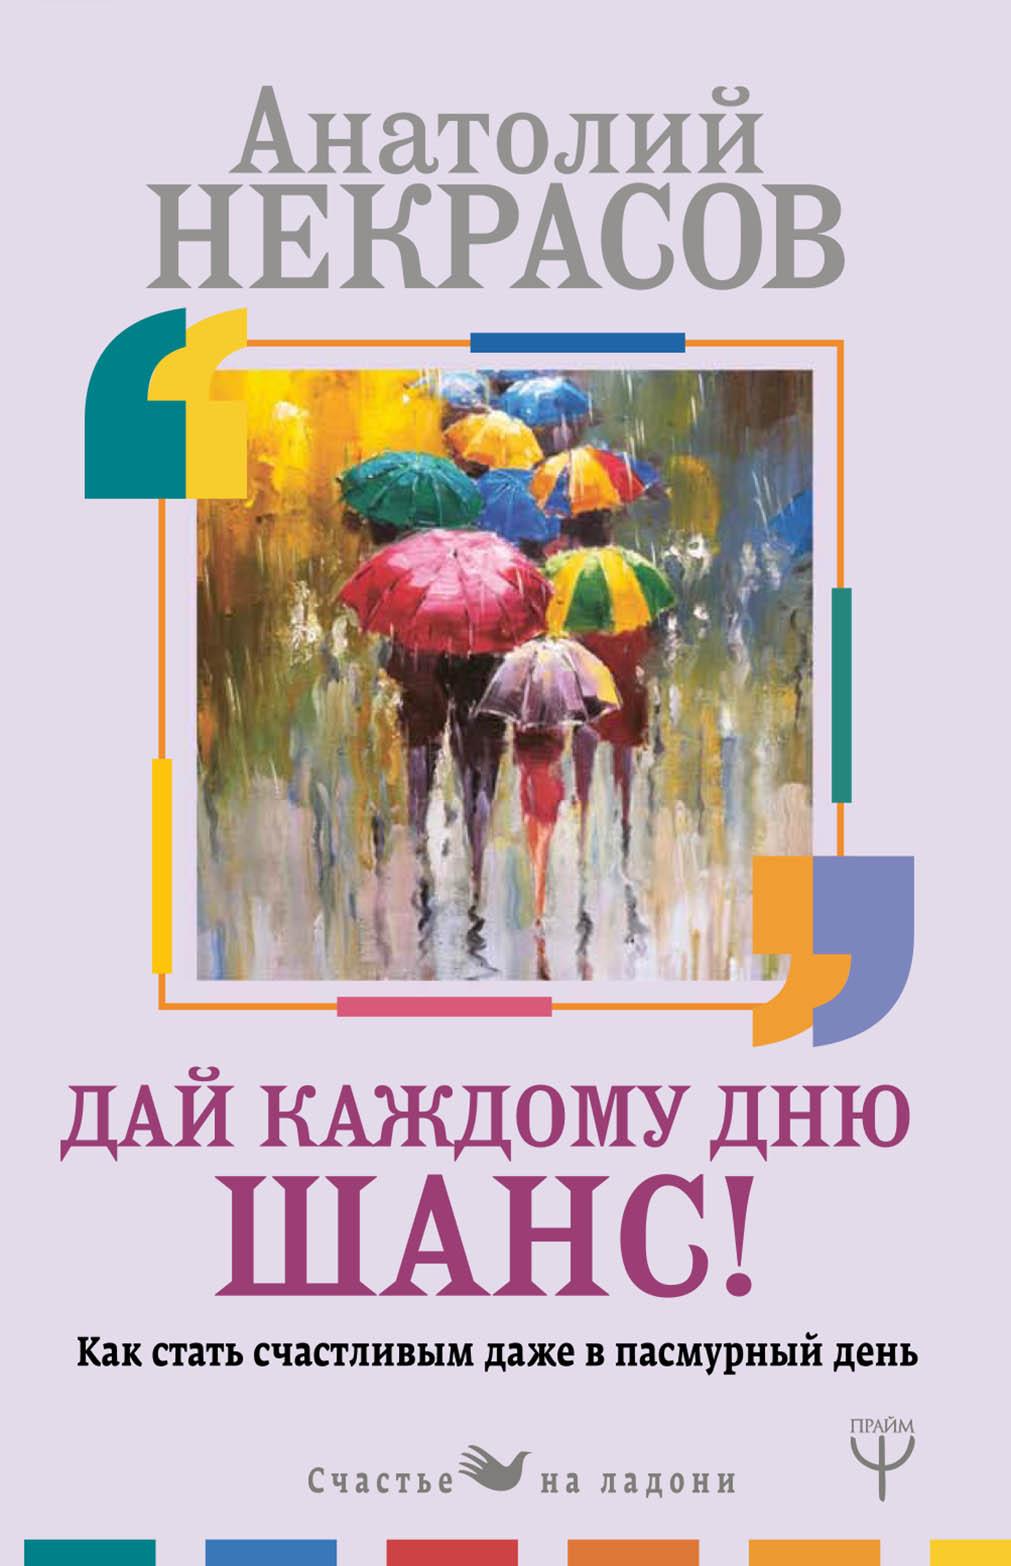 Некрасов Анатолий Александрович Дай каждому дню шанс! #Как стать счастливым даже в пасмурный день